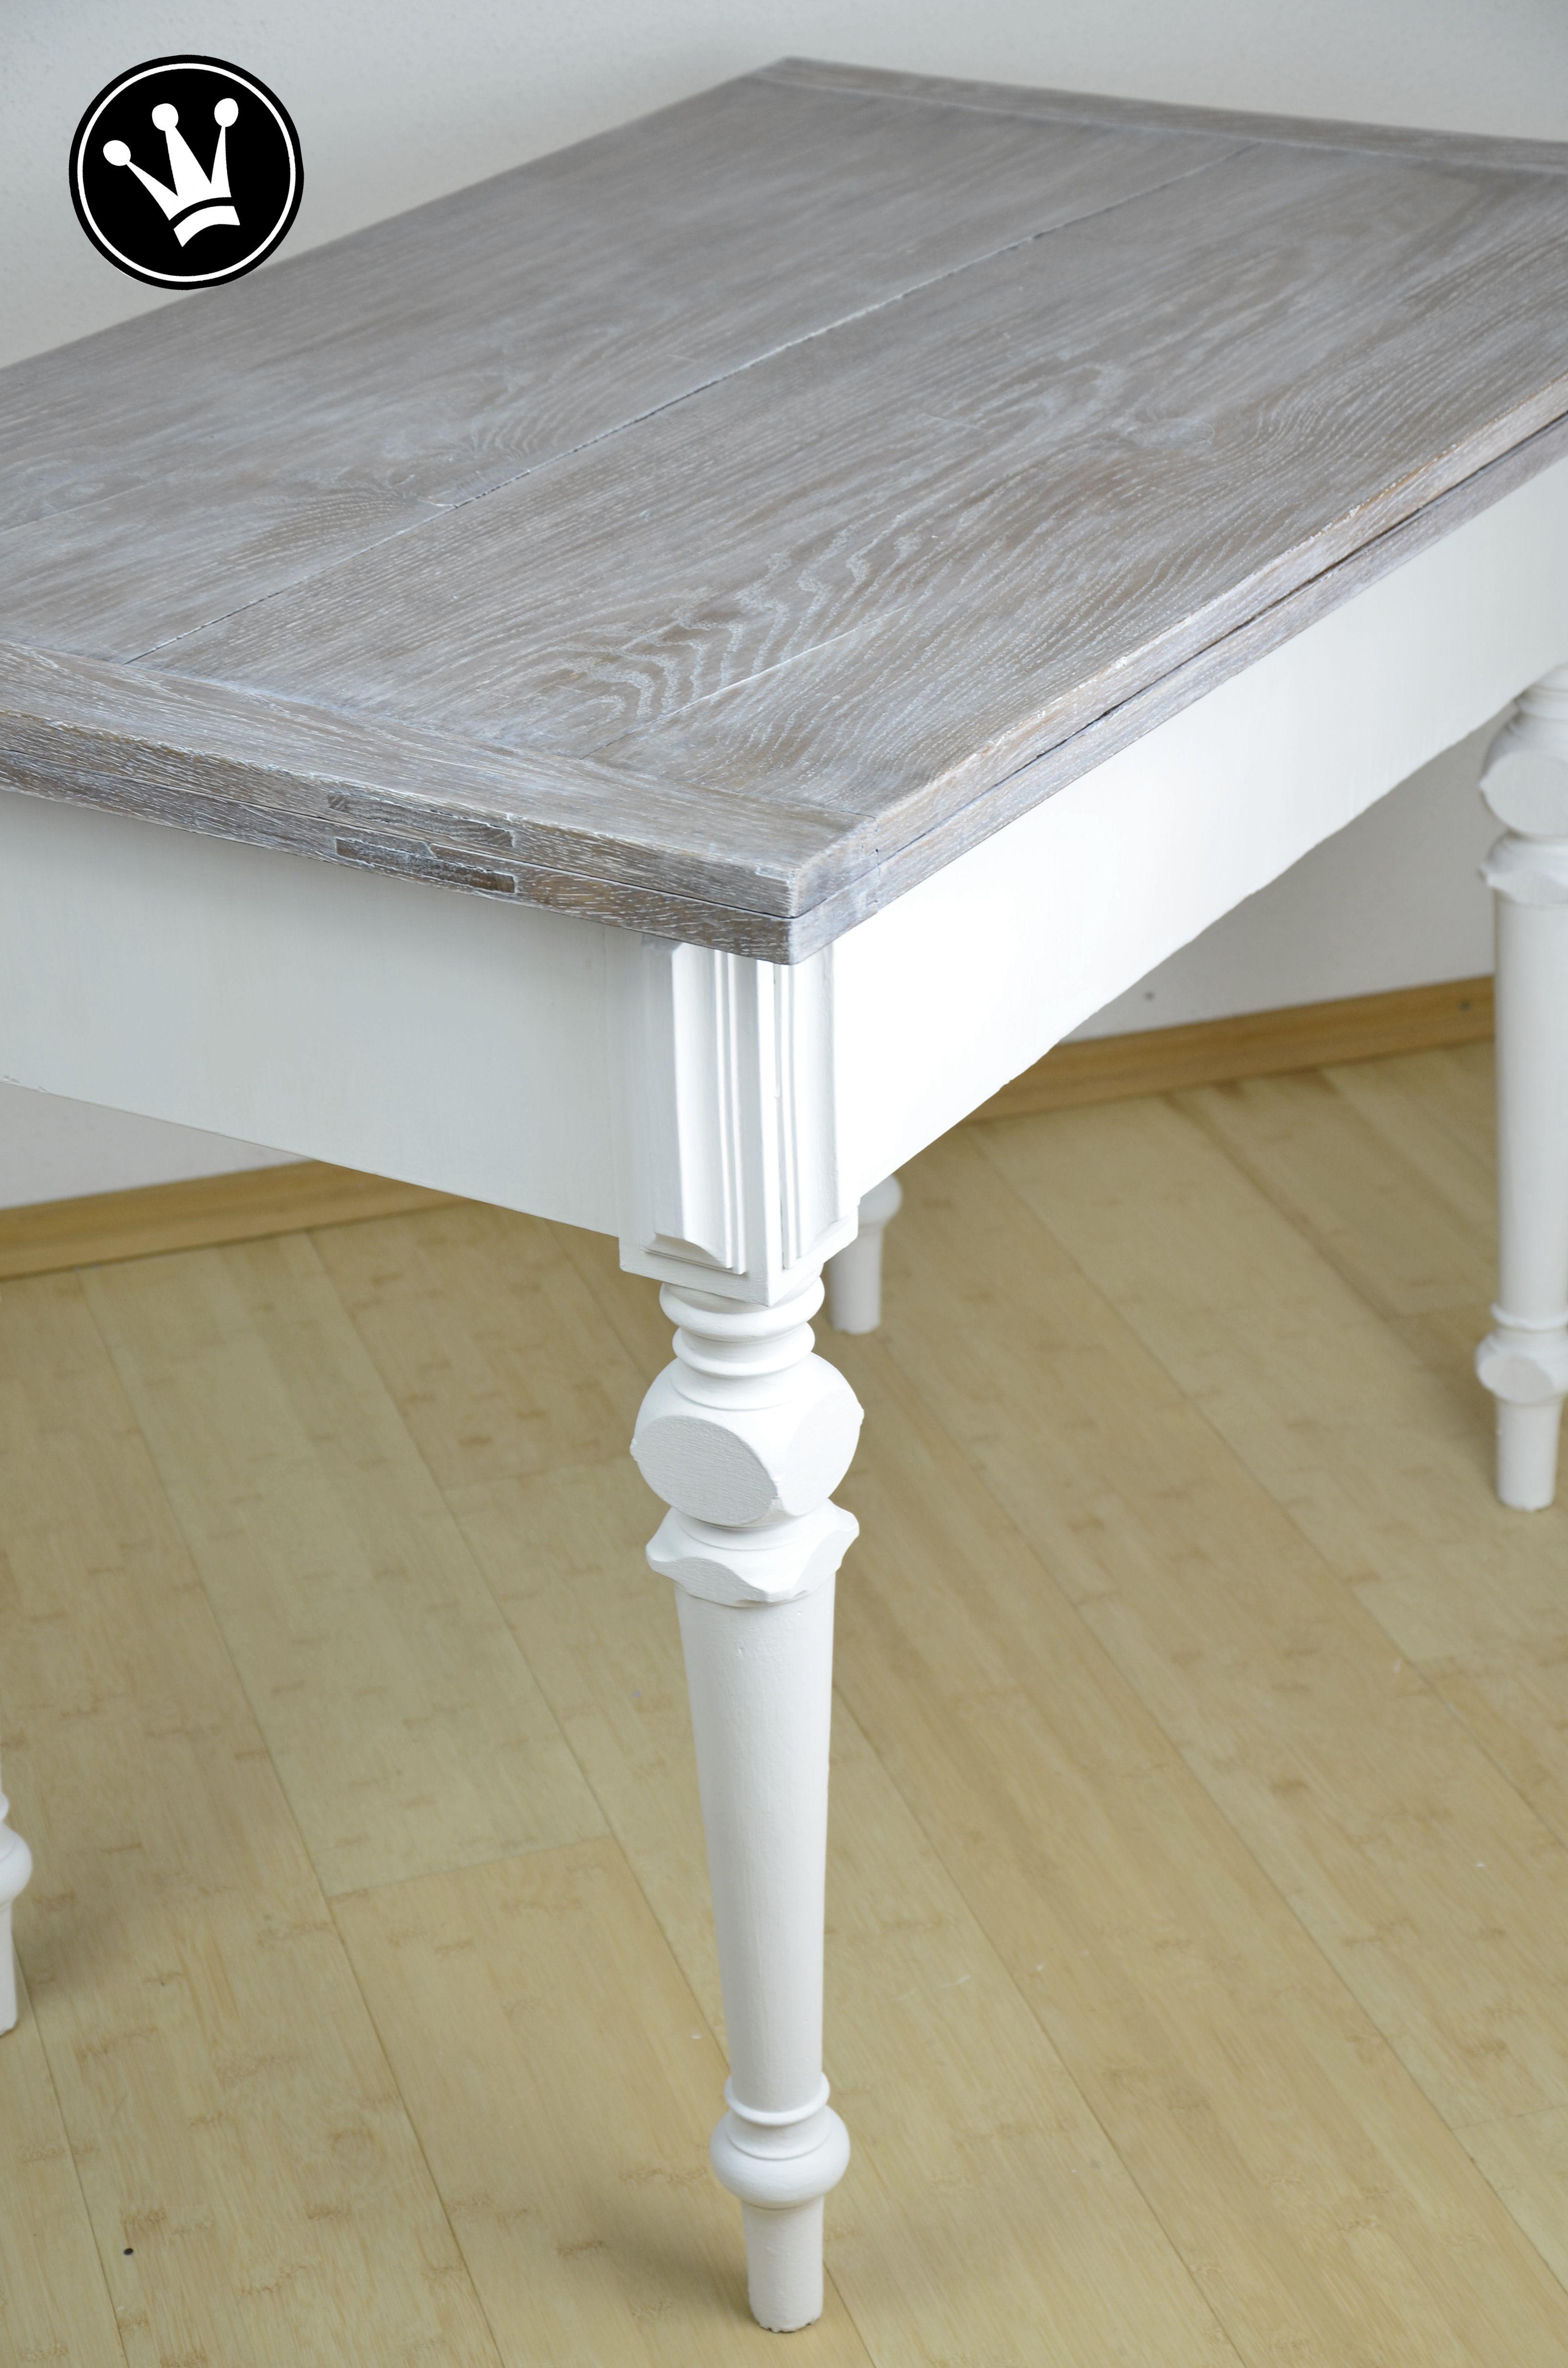 Diy Tisch Mit Kreidefarbe Streichen Tischplatte Mit Der